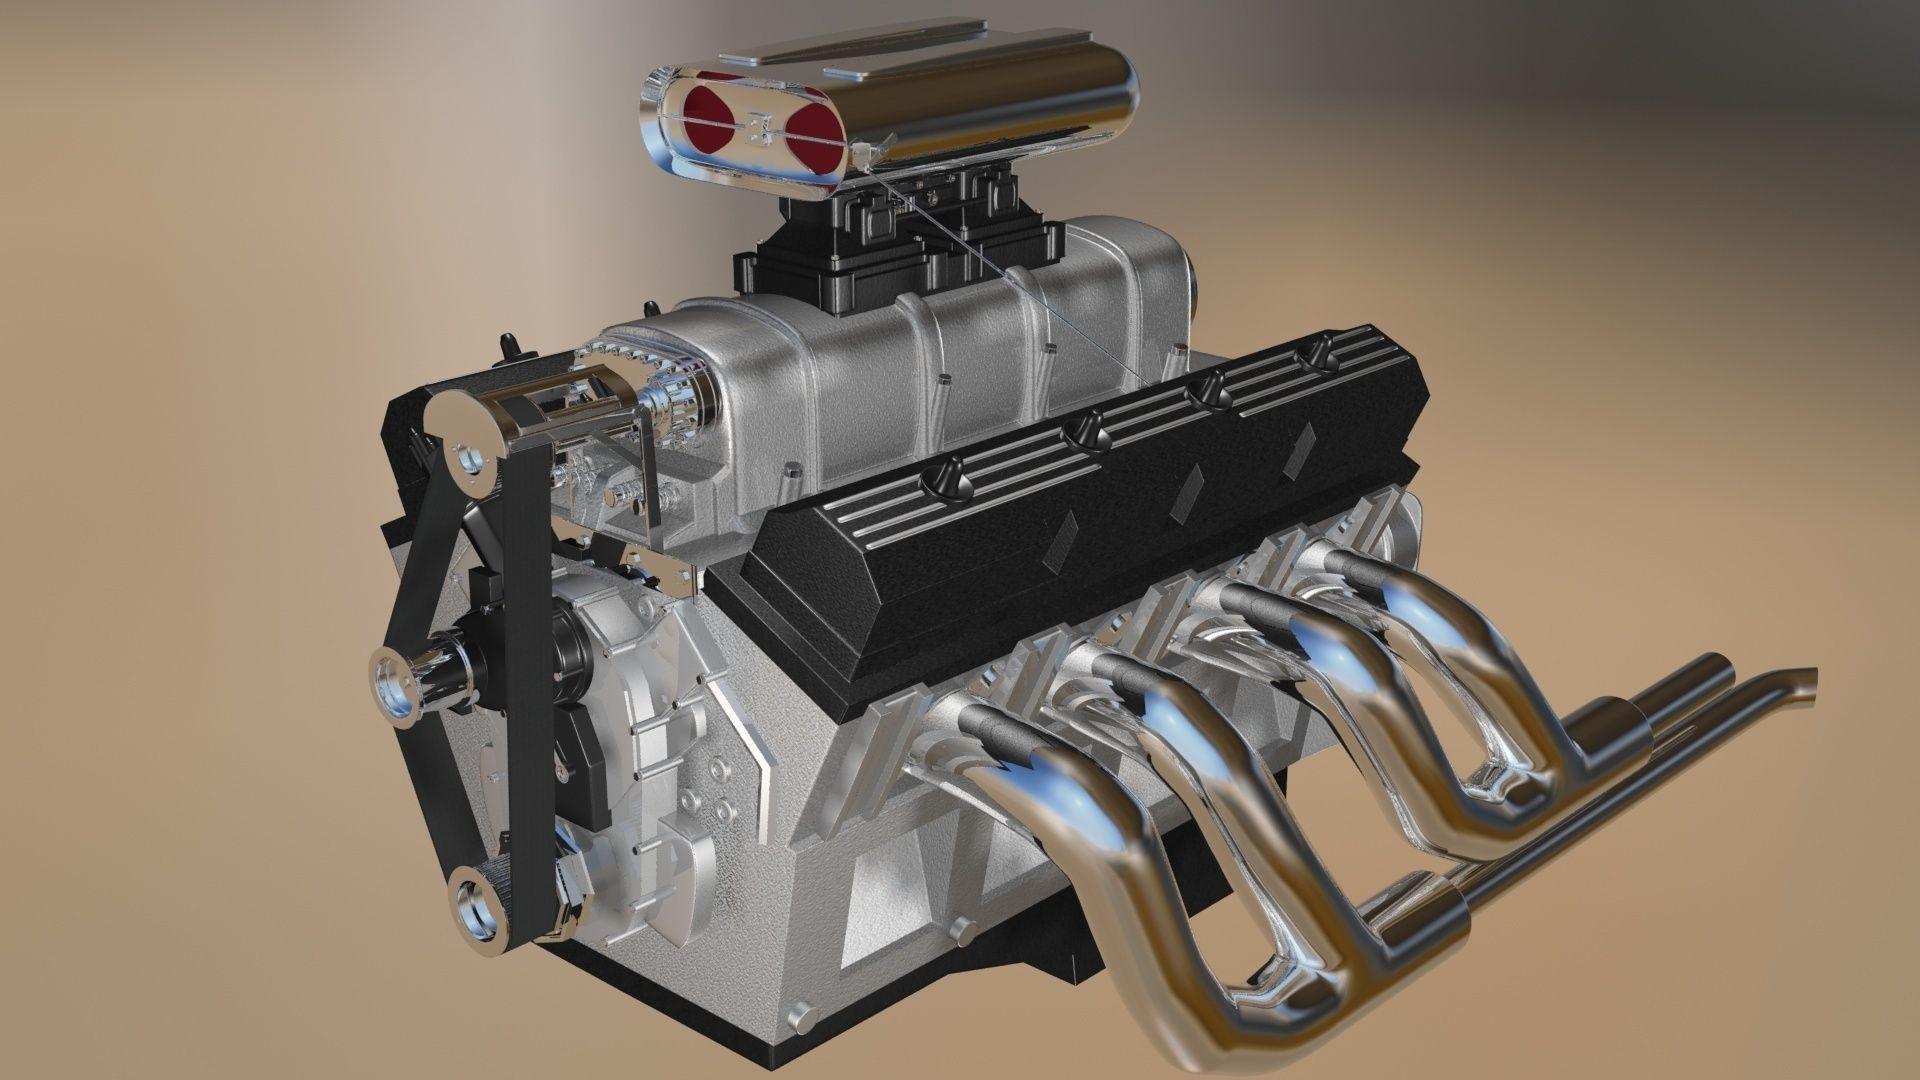 custom build v8 engine 3d model max obj 3ds lwo lw lws 3dm. Black Bedroom Furniture Sets. Home Design Ideas